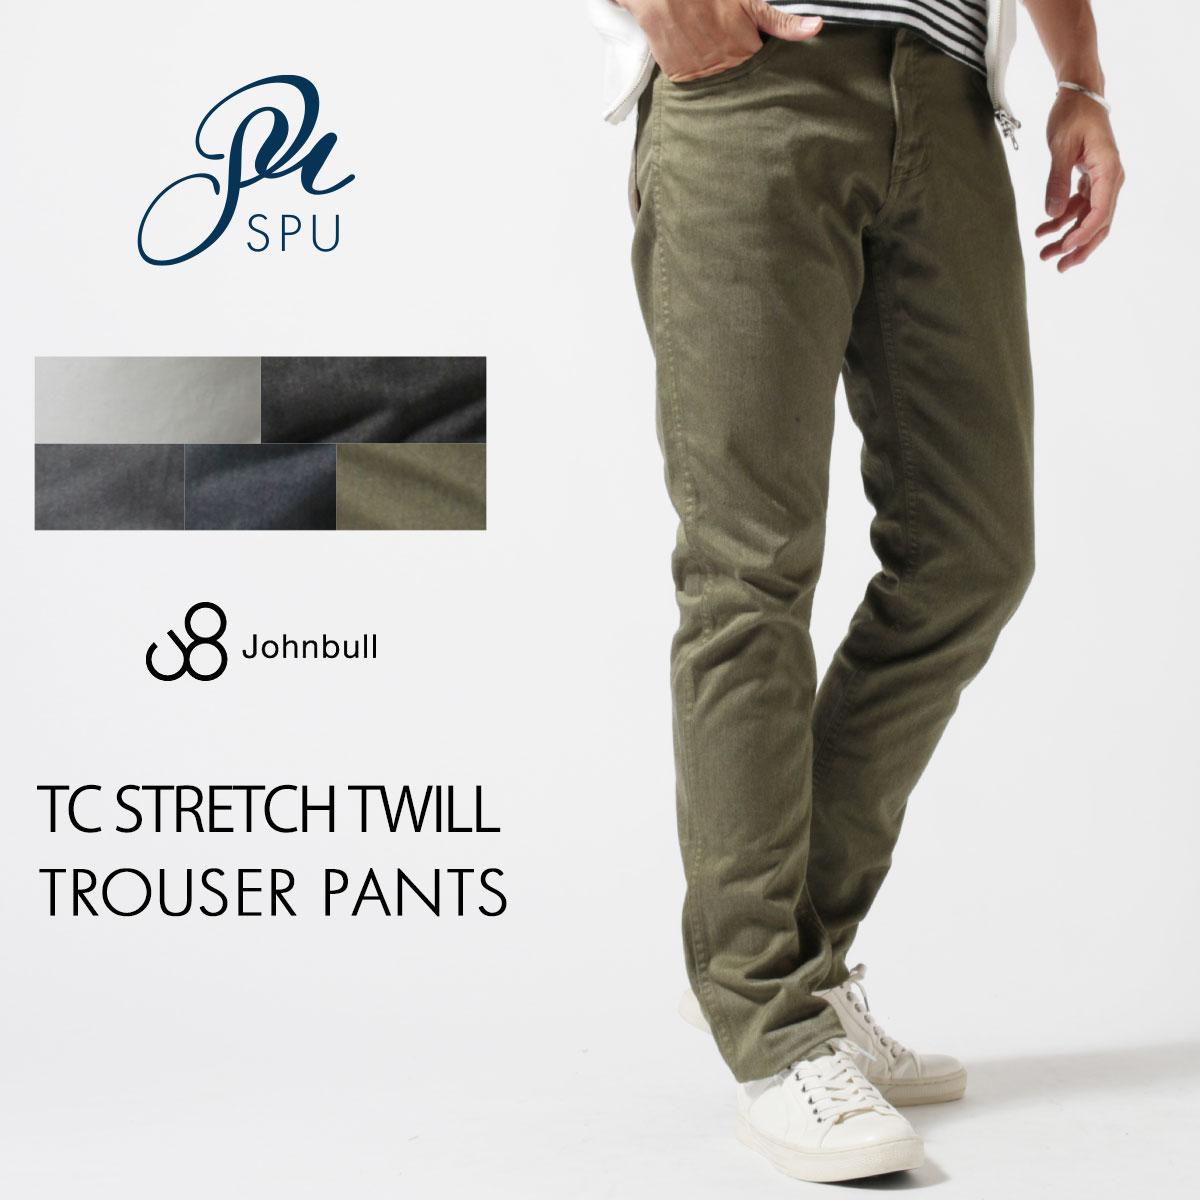 メンズ パンツ 春 夏 メンズファッション TC ストレッチ ツイル トラウザー パンツ Johnbull ジョンブル 21106